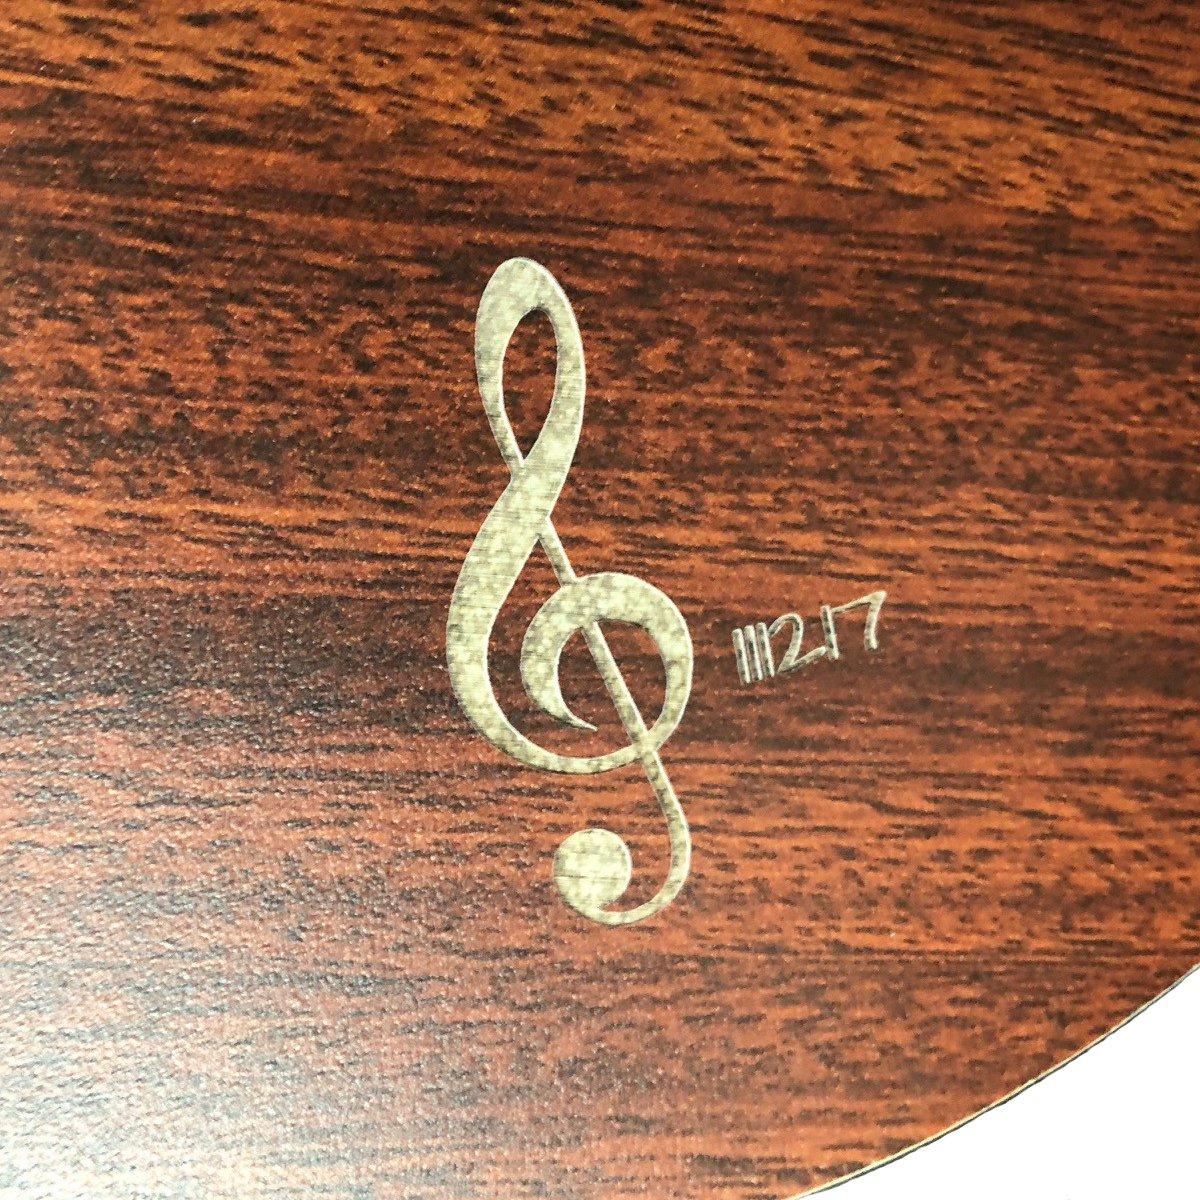 gravur gitarre mit lasergravur muenchen eine gitarre gravieren lassen. Black Bedroom Furniture Sets. Home Design Ideas